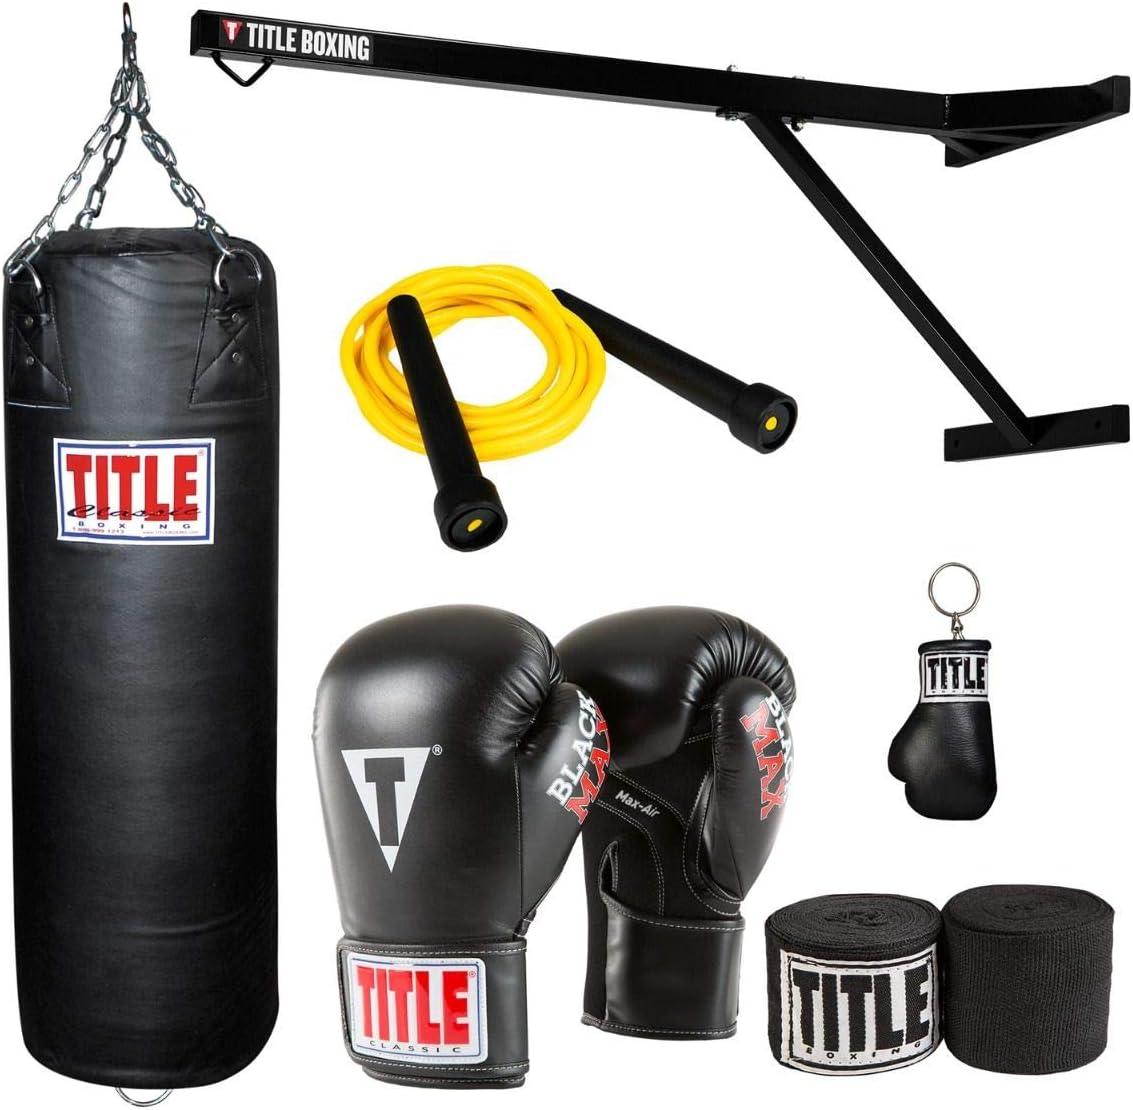 Title Boxing ウォールマウント ヘビーバッグハンガー & コンプリートセット  12 oz